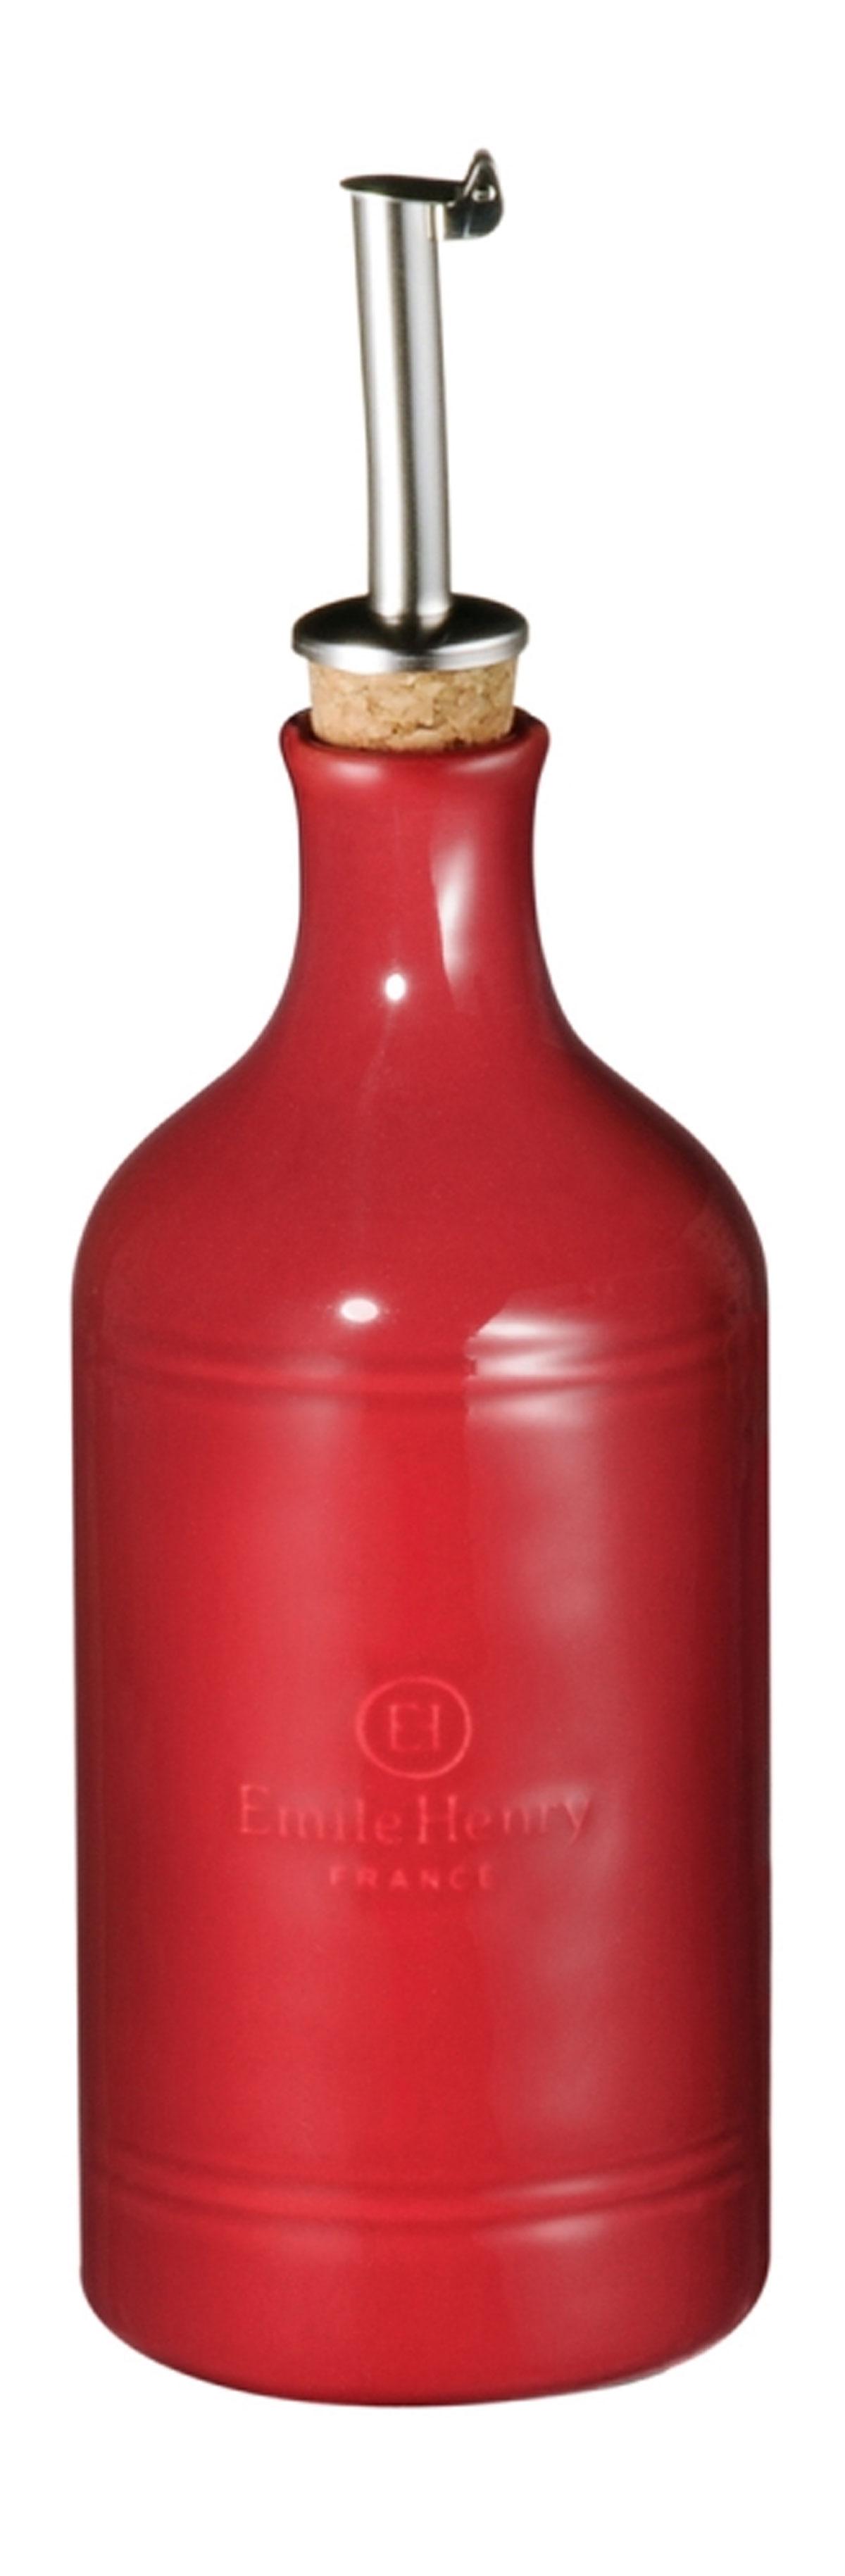 Бутылка для масла и уксуса Emile Henry Natural Chic, цвет: гранат, 450 млVT-1520(SR)Бутылка для масла или уксуса Emile Henry Natural Chic, выполненная из керамики и металла, позволит украсить любую кухню, внеся разнообразие как в строгий классический стиль, так и в современный кухонный интерьер. Пробковая крышка с носиком снабжена клапаном антикапля, не допускающим пролива. Стенки бутылки светонепроницаемые, поэтому ее можно хранить в открытом шкафу, не волнуясь, что ваше лучшее оливковое масло потеряет вкус и аромат.Оригинальная бутылка будет отлично смотреться на вашей кухне.Высота бутылки (с учетом носика): 23,5 см. Диаметр основания: 7 см.